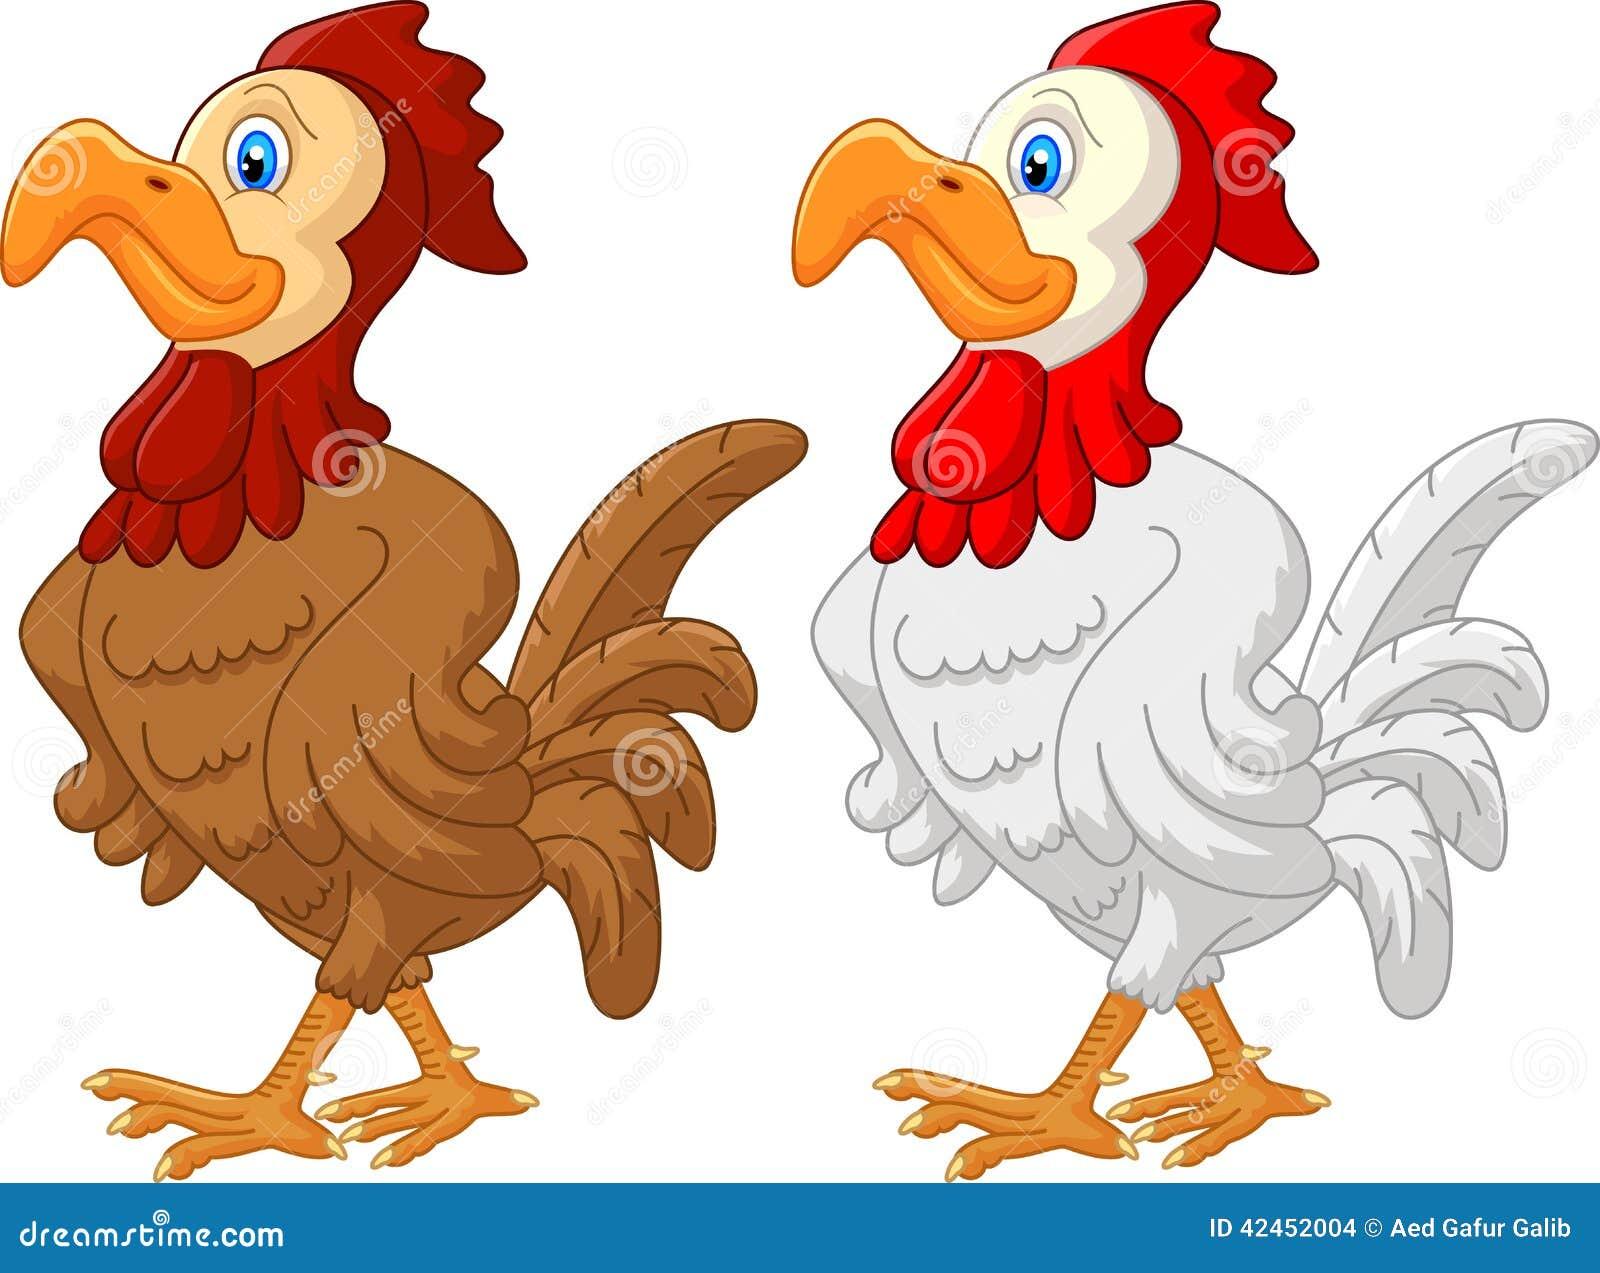 Rooster Cartoon Stock Vector